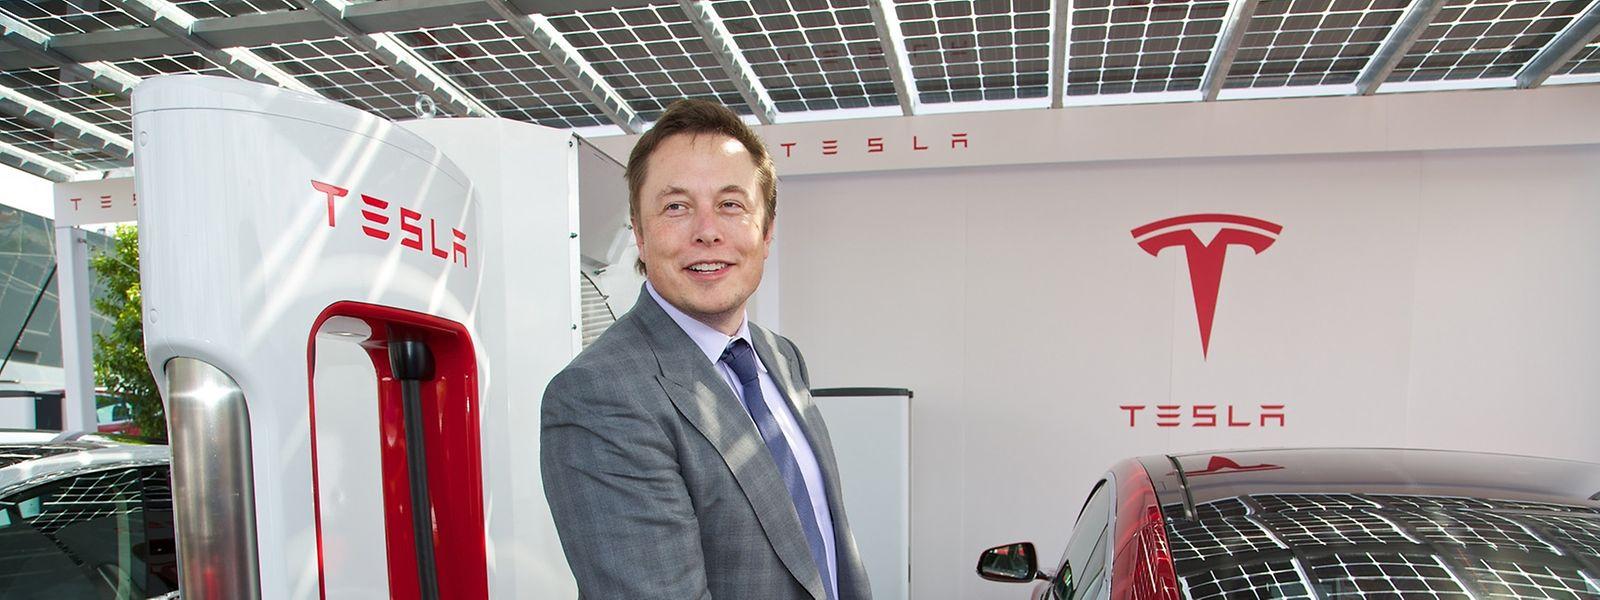 Nicht zum ersten Mal veröffentlichte Tesla-Chef Elon Musk eine überraschende Nachricht per Twitter.